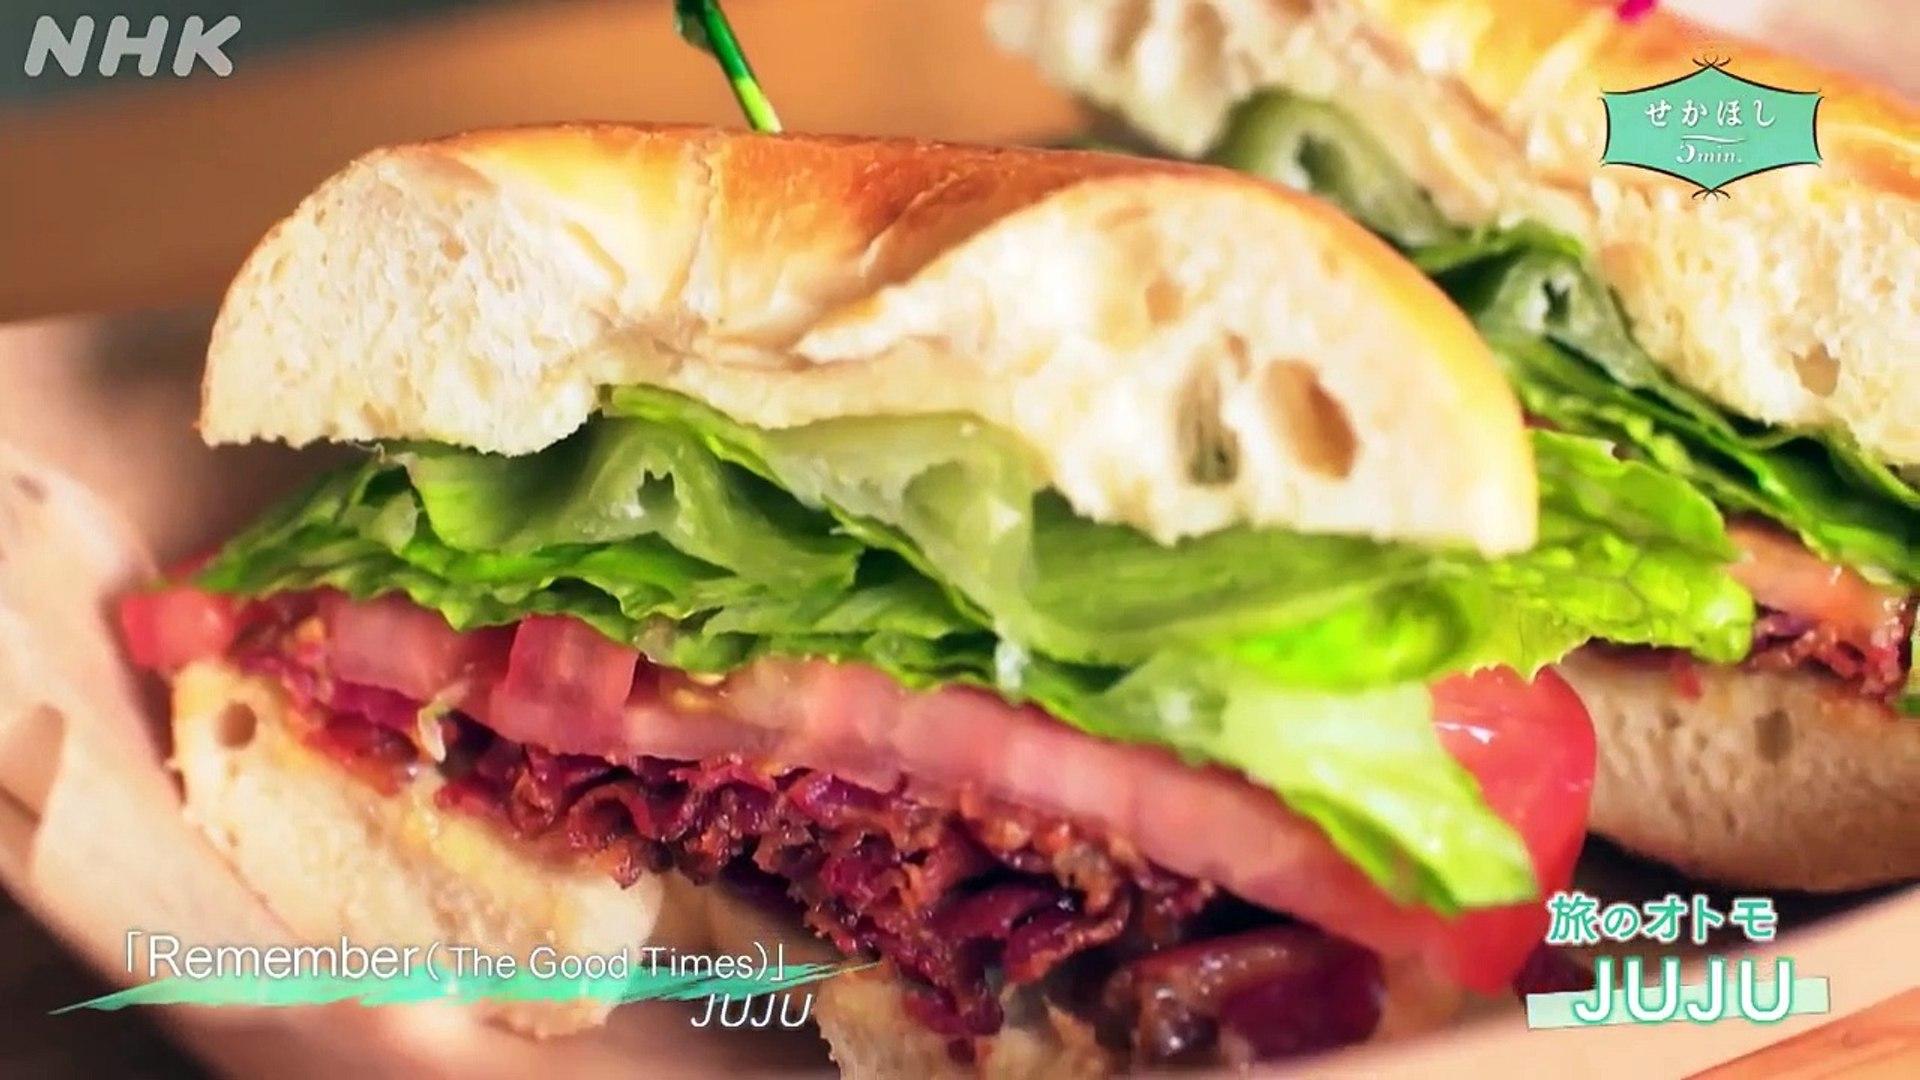 せかほし] 世界のパン旅 _ ご当地パン食べ歩き _ 旅のオトモはJUJU - video Dailymotion